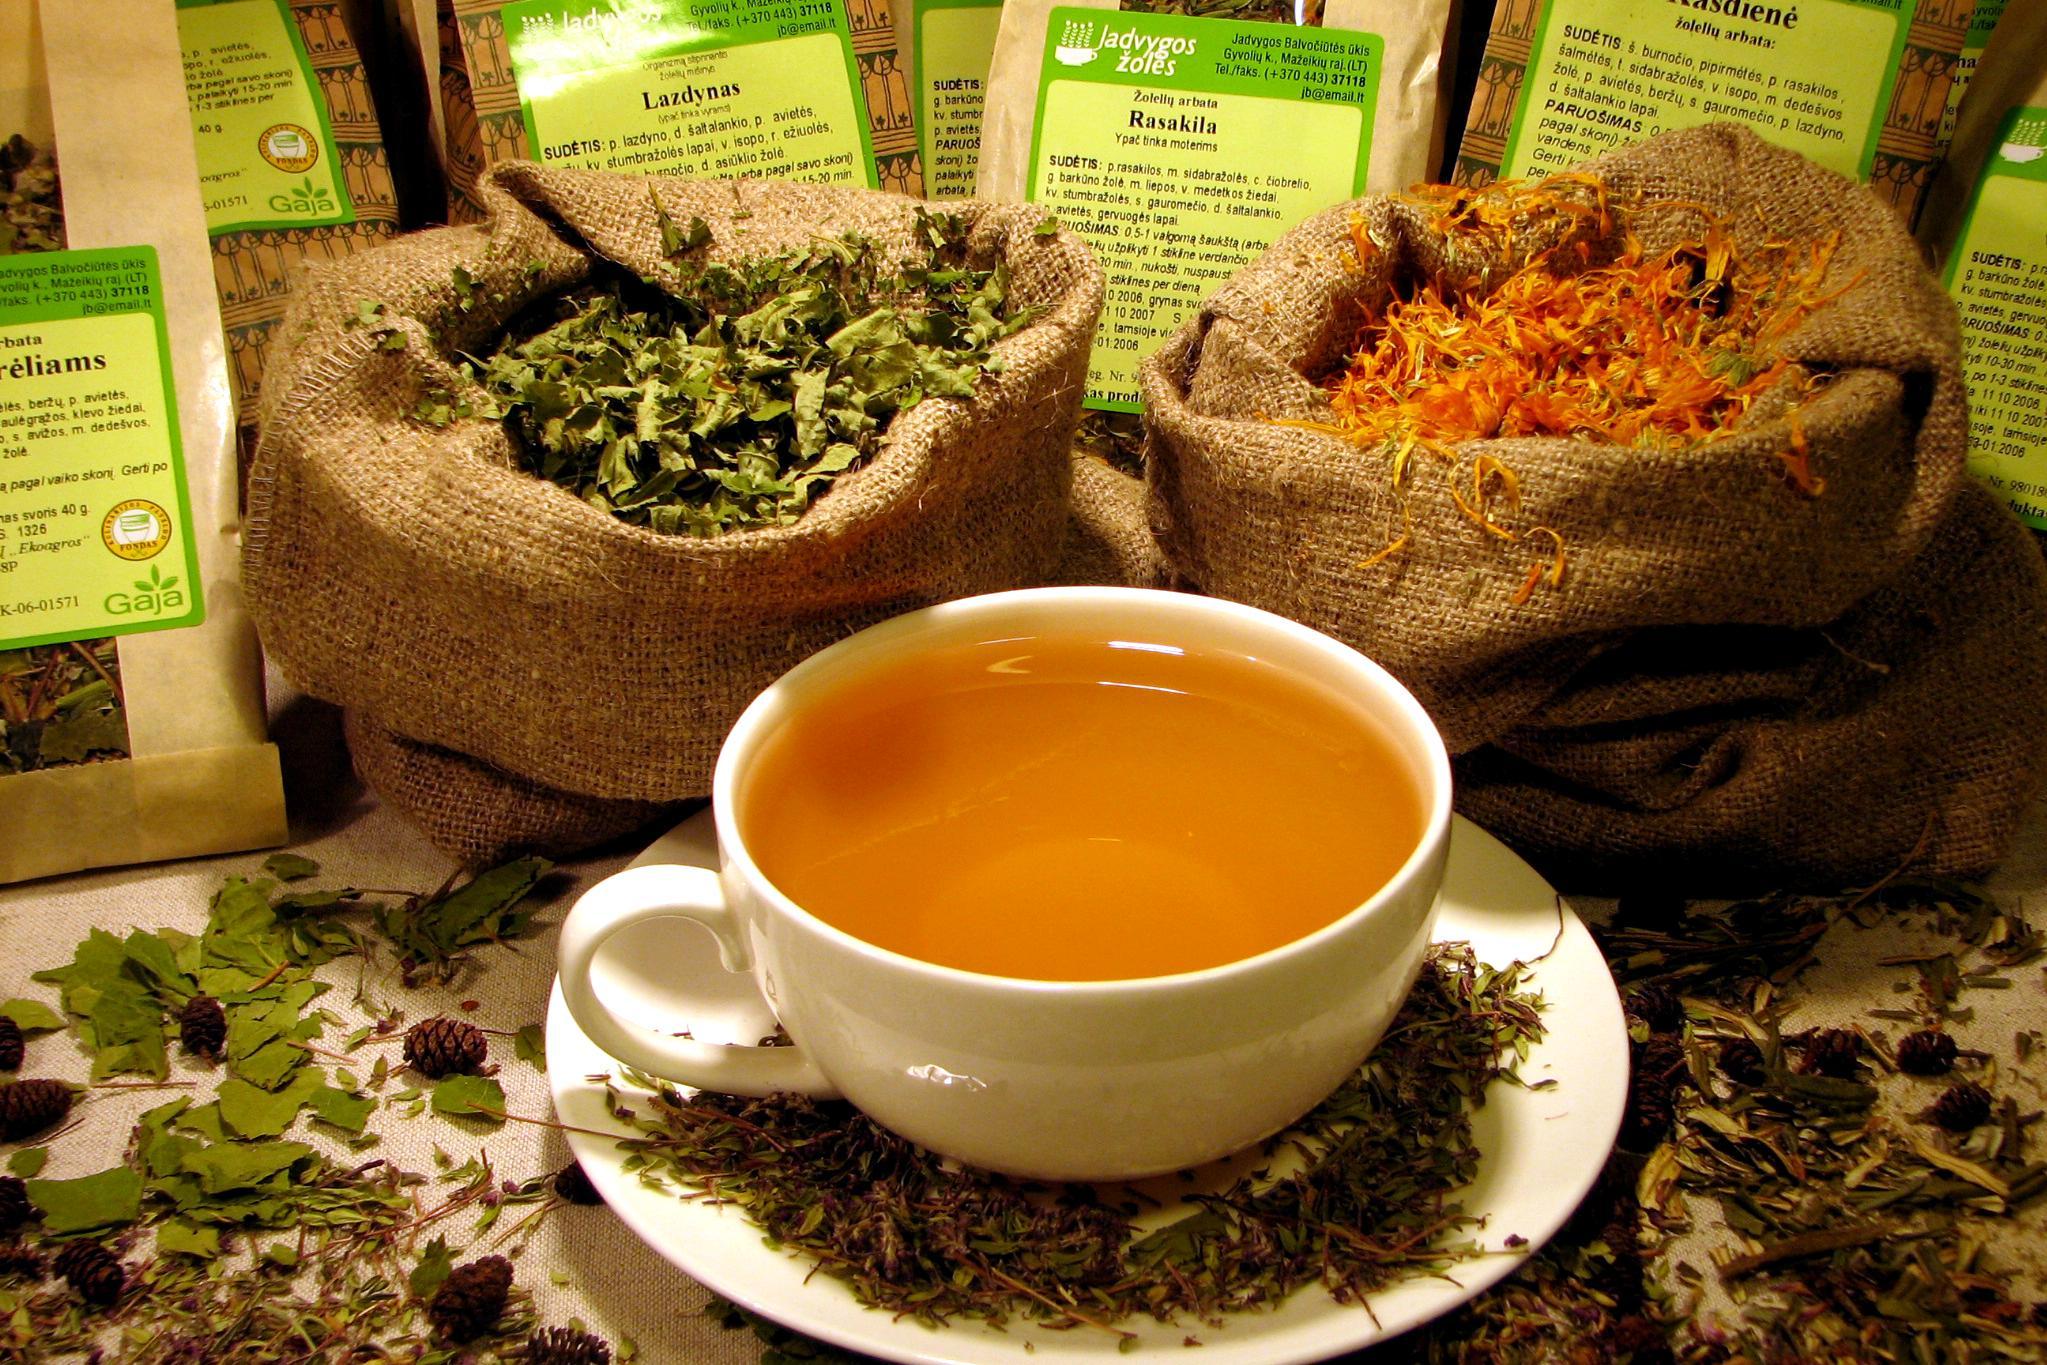 Segíti a fogyást, kiűzi a méreganyagokat: zsírégető tea házilag - Retiküz-line.hu  